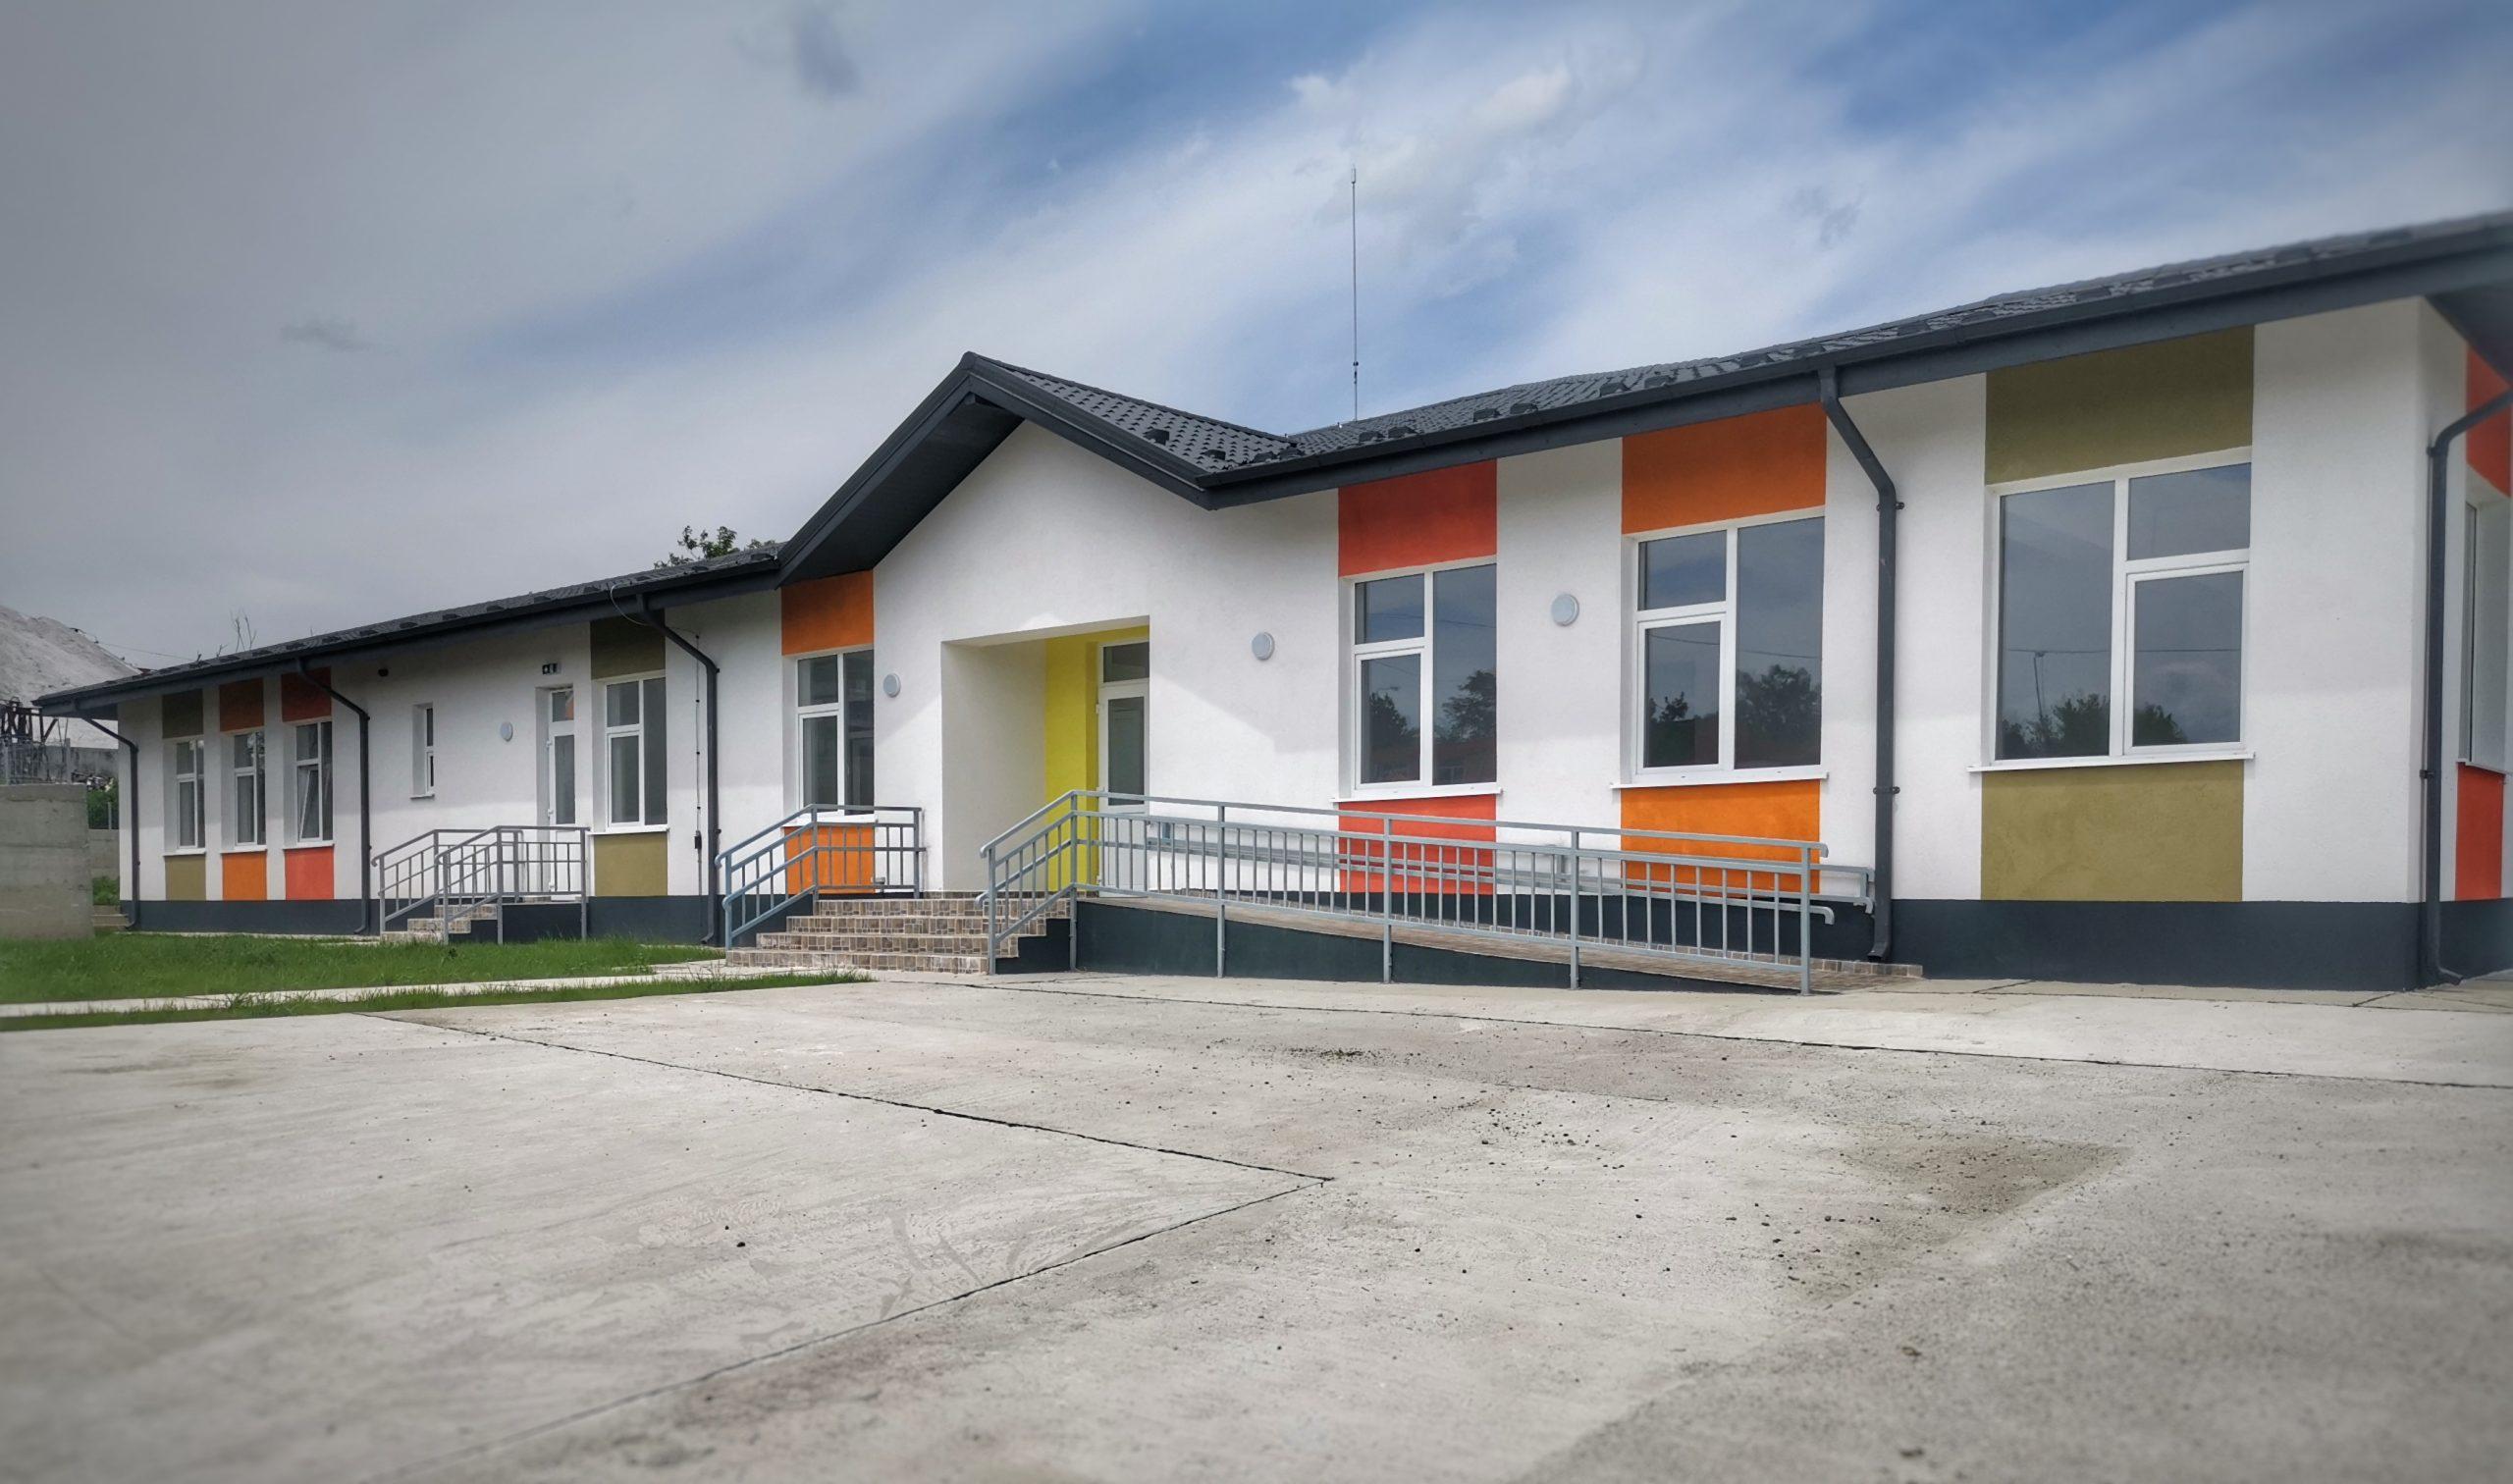 Gradiniță nouă, cu program prelungit, recepționtă în comuna Valea Lupului, Iași